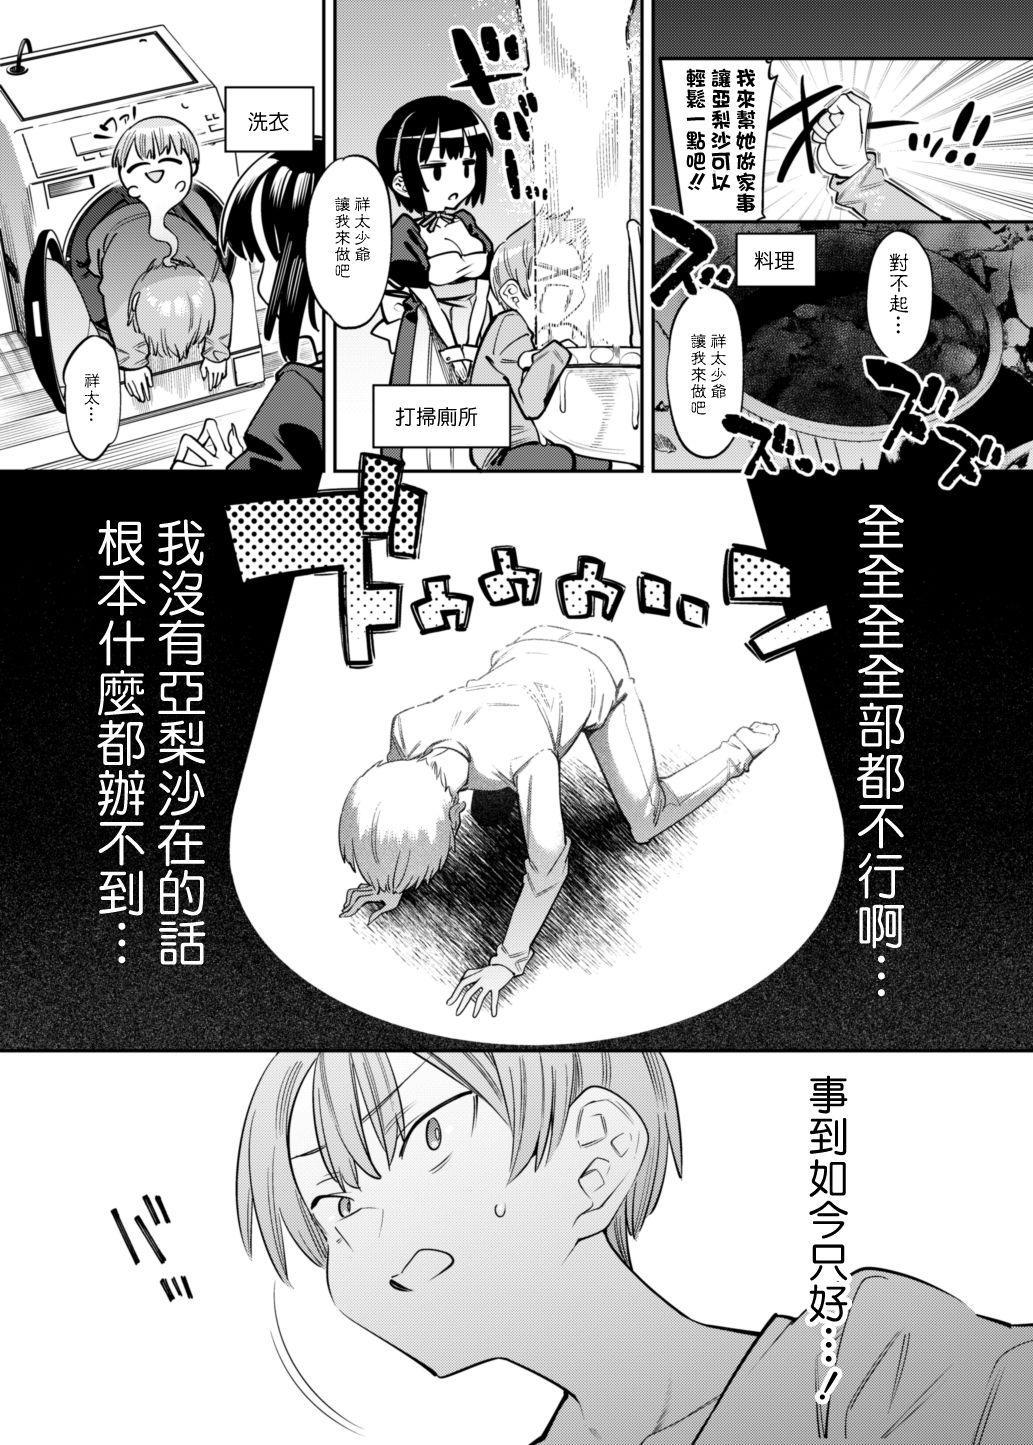 [Nazunaya Honpo (7zu7)] Bokunchi no Maid-san-tachi. [Chinese] [Digital] 6